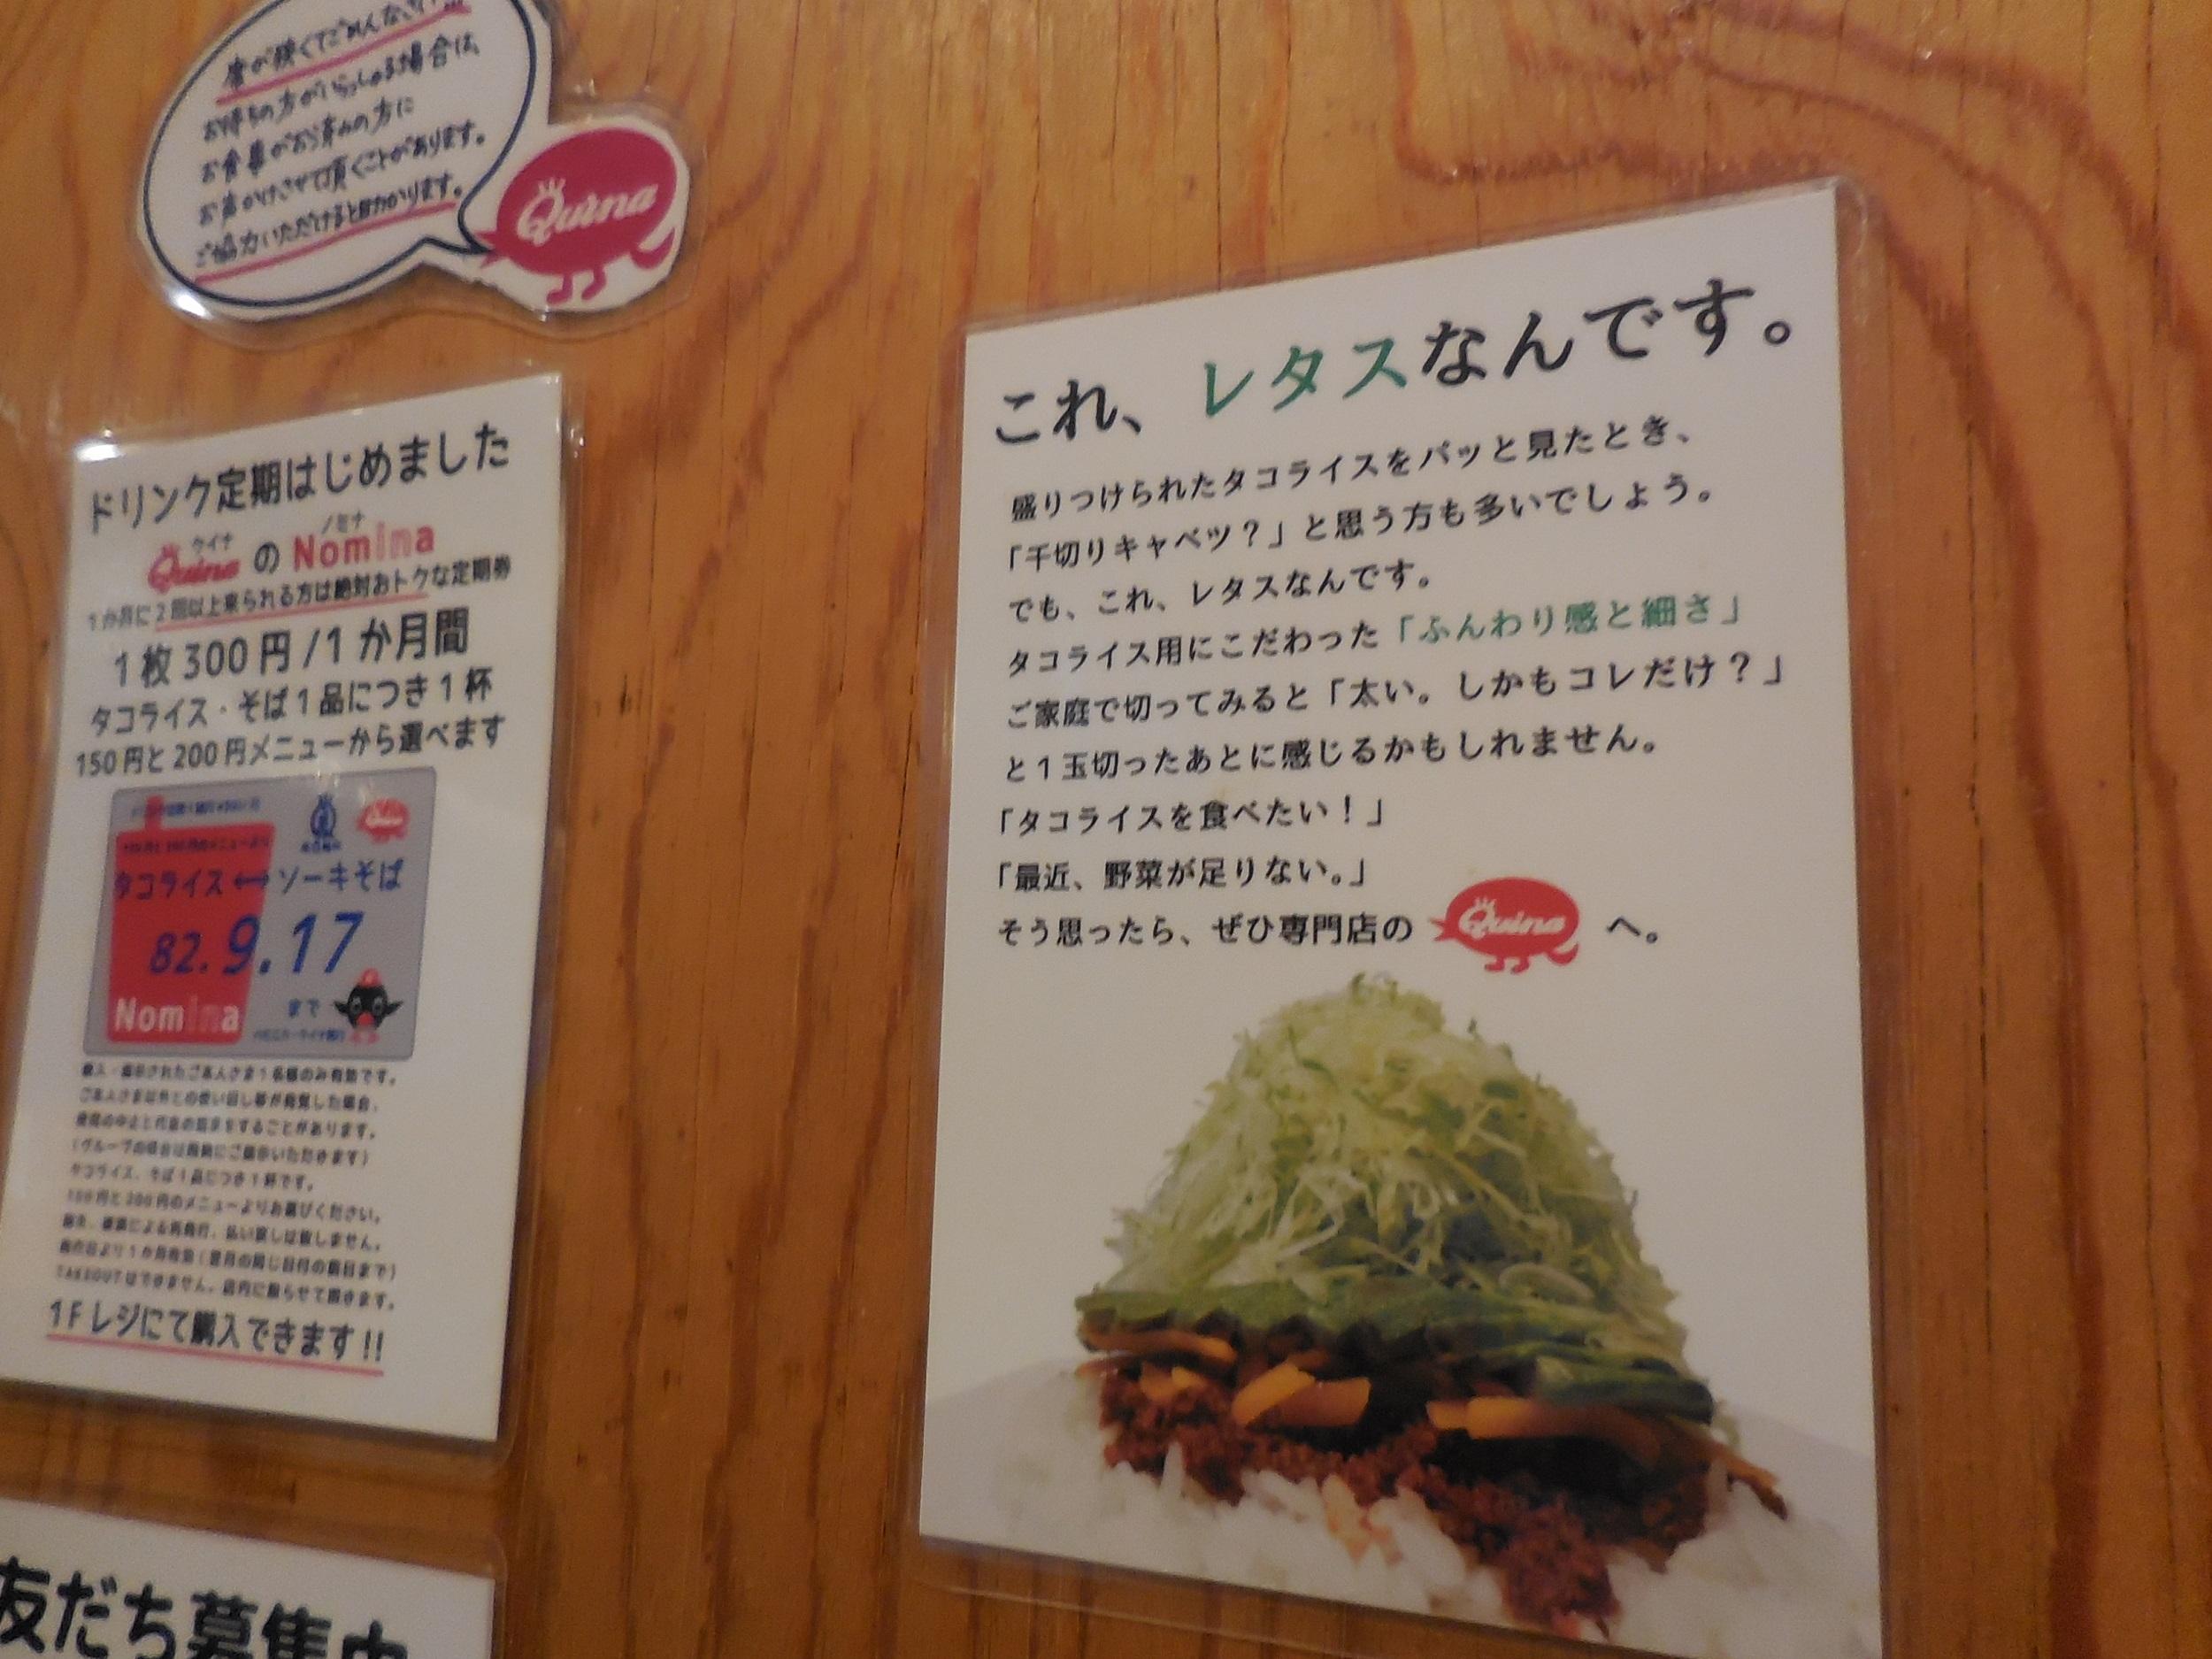 〇〇がてんこもり!野菜をたくさん食べたくてラージサイズを注文しました_3